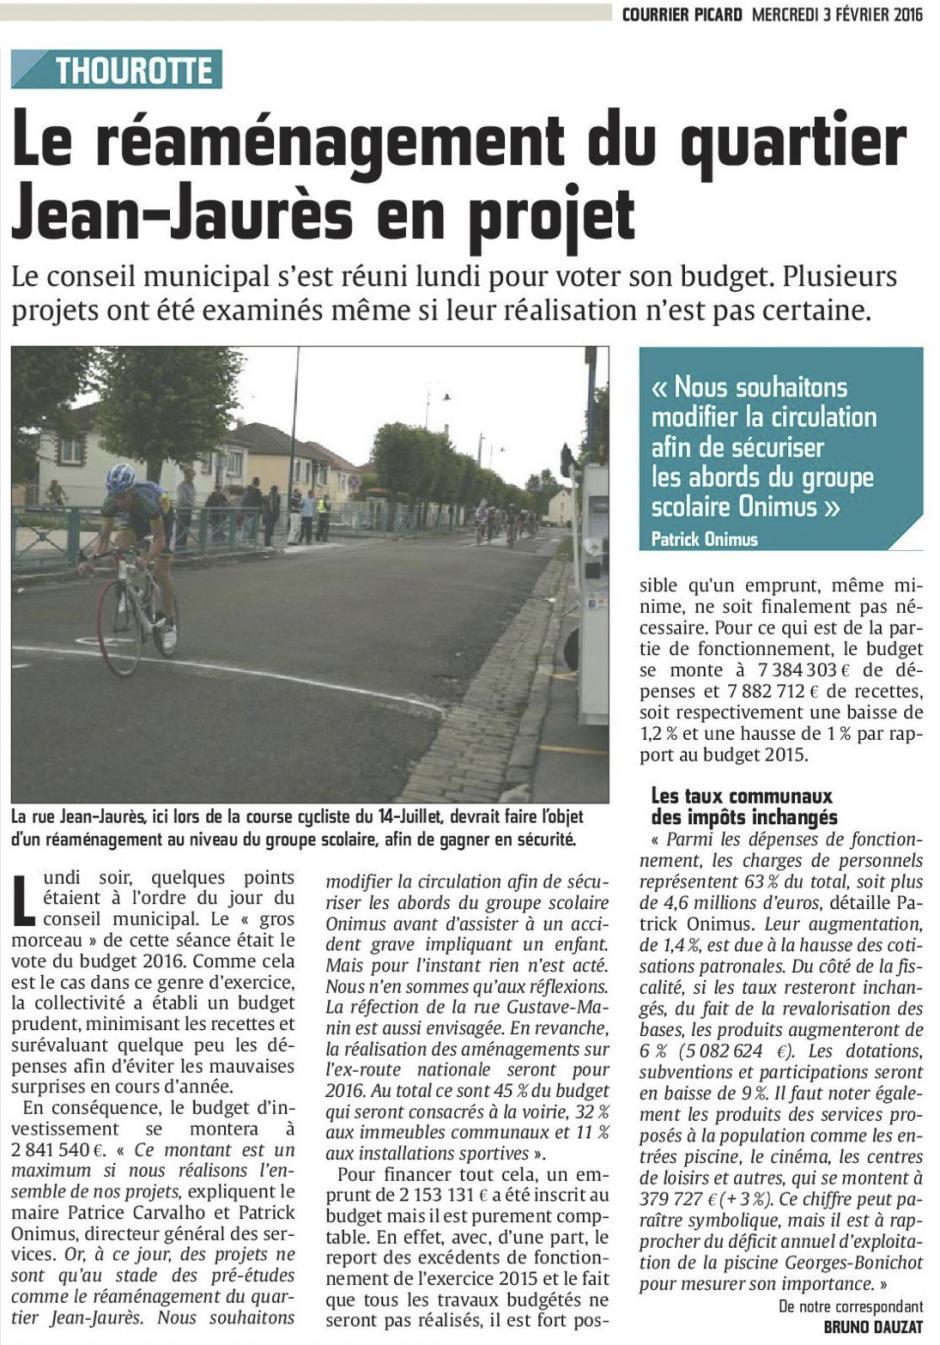 20160203-CP-Thourotte-Le réaménagement du quartier Jean-Jaurès en projet